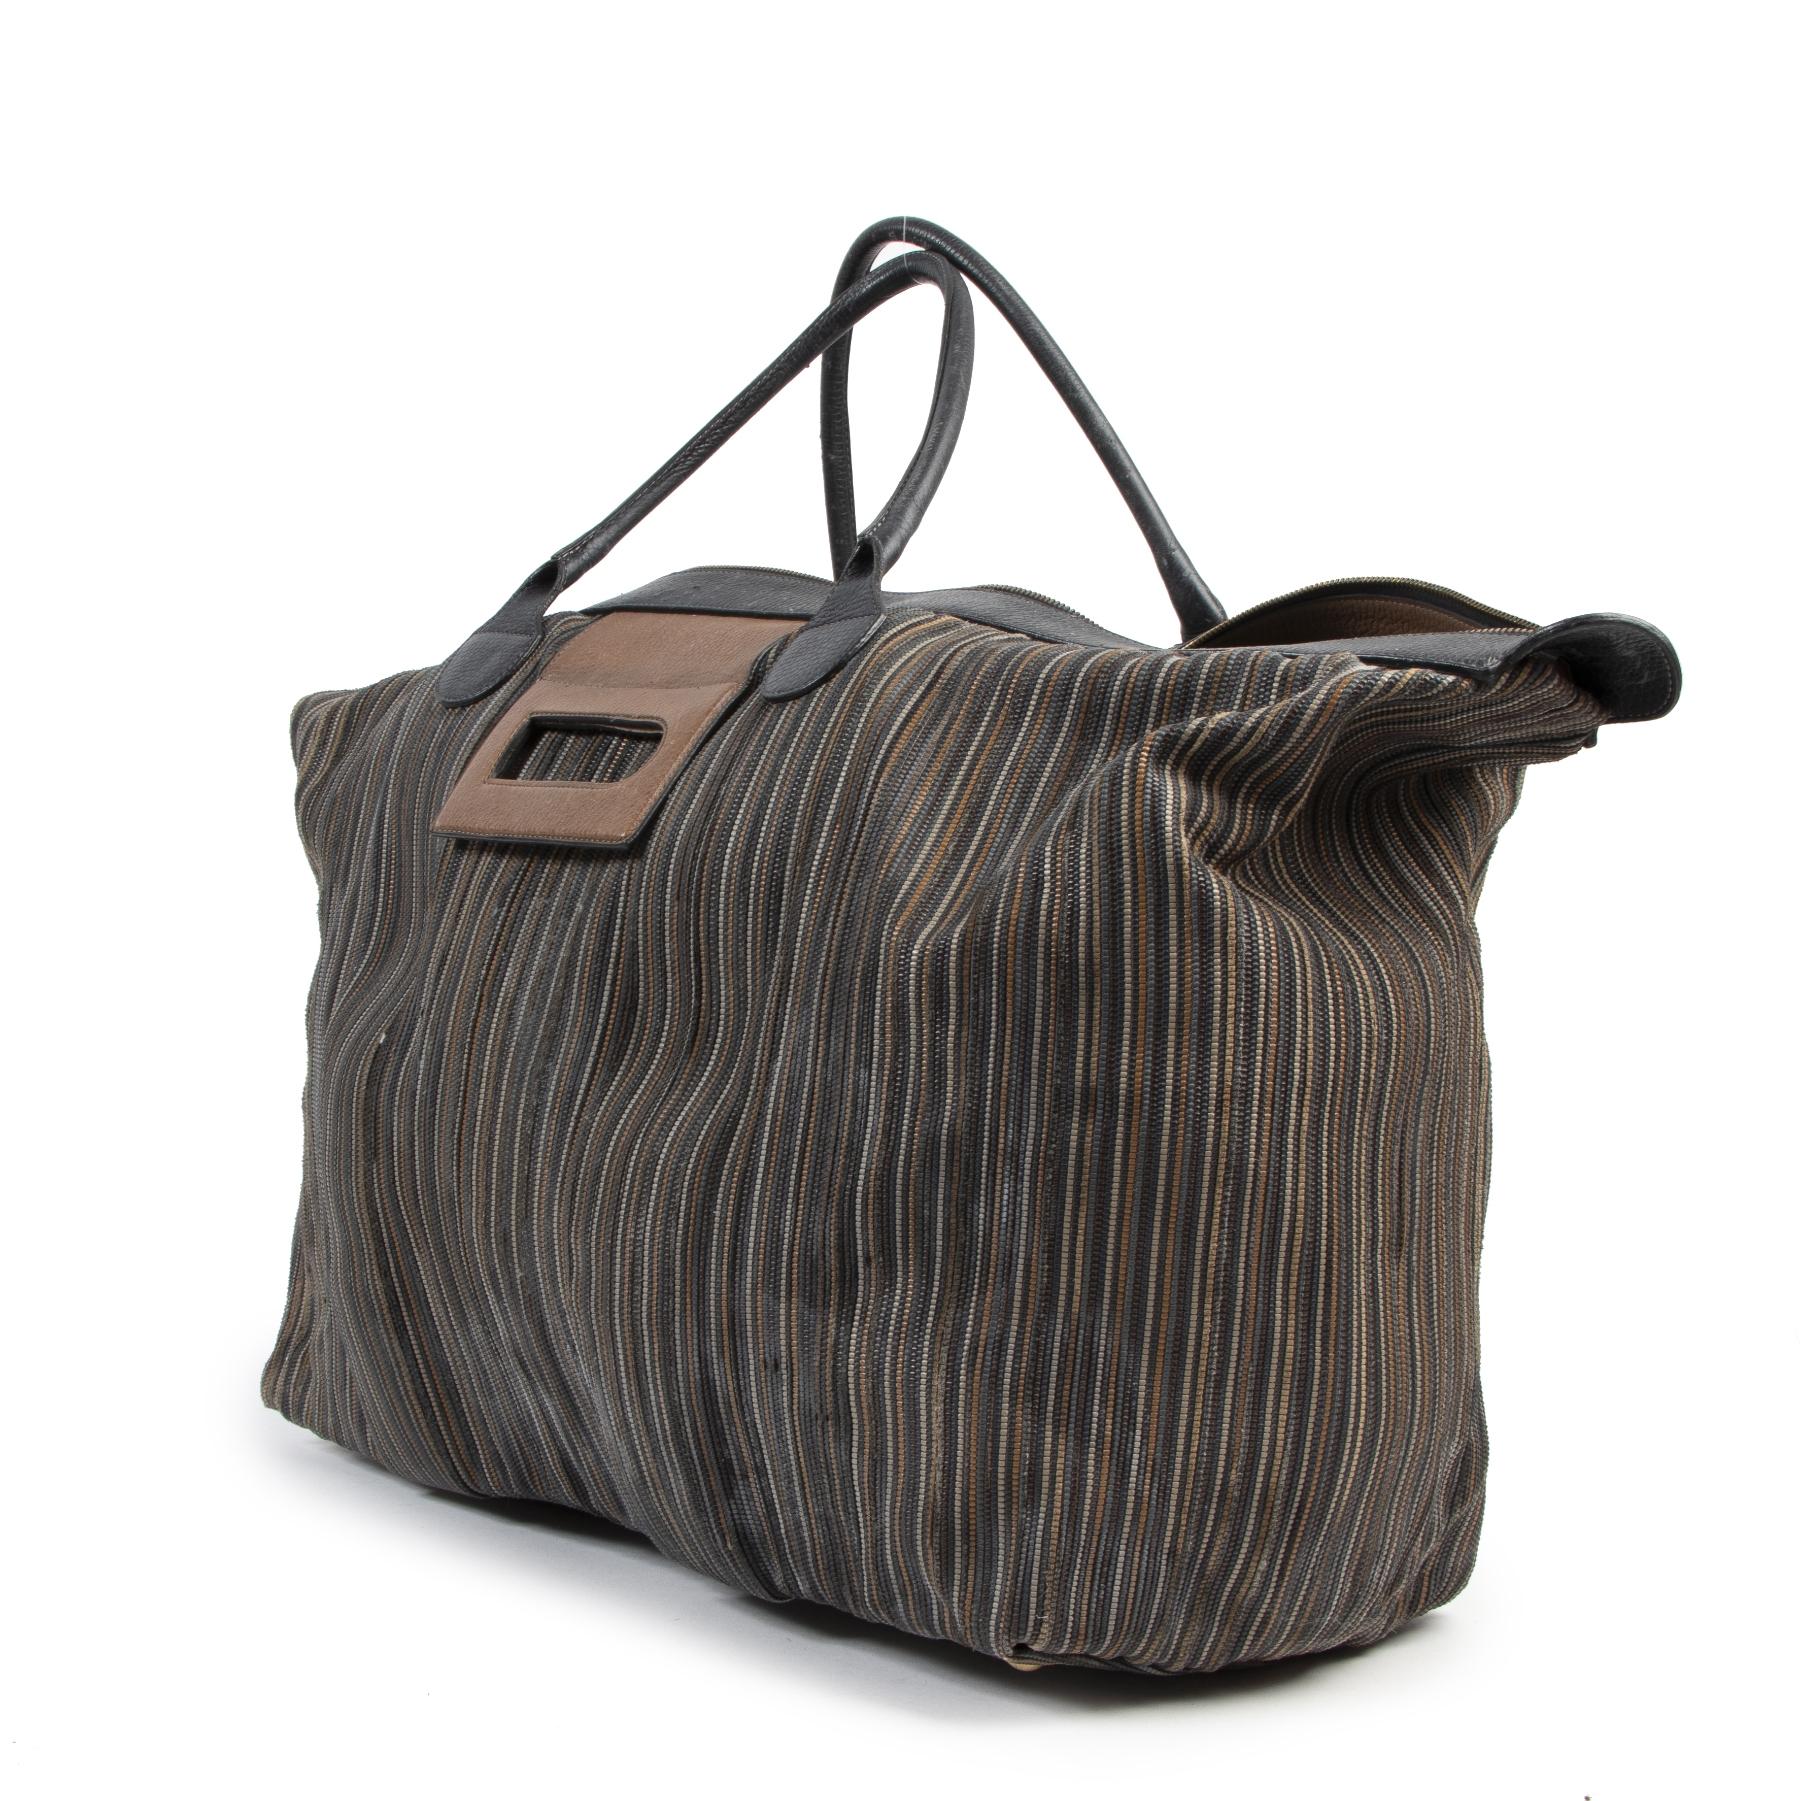 Authentieke Tweedehands Delvaux Toile de Cuir Travel Bag juiste prijs veilig online shoppen luxe merken webshop winkelen Antwerpen België mode fashion